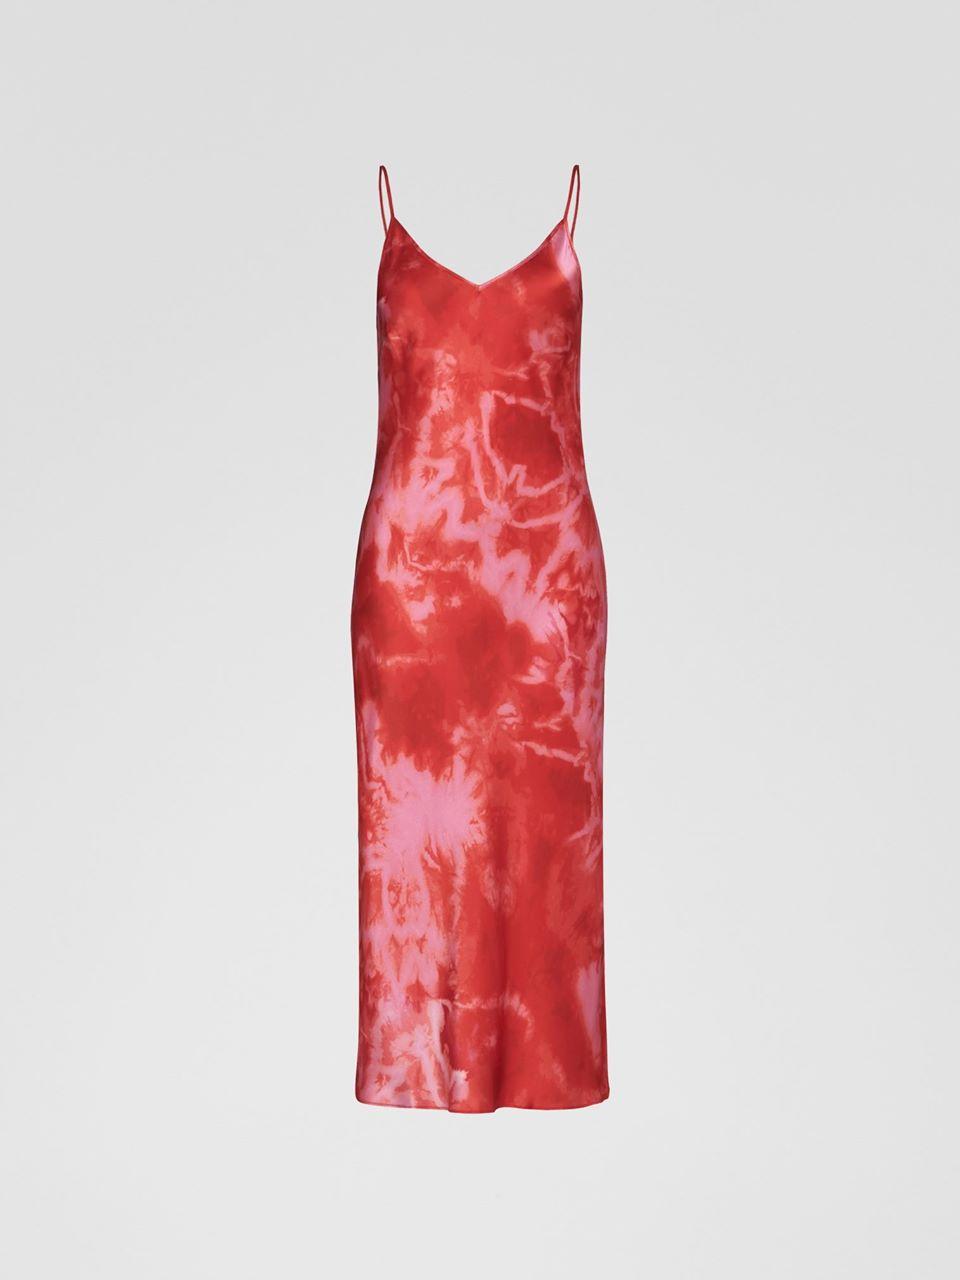 Silk Bias Cut Dress Tie Dye Flame